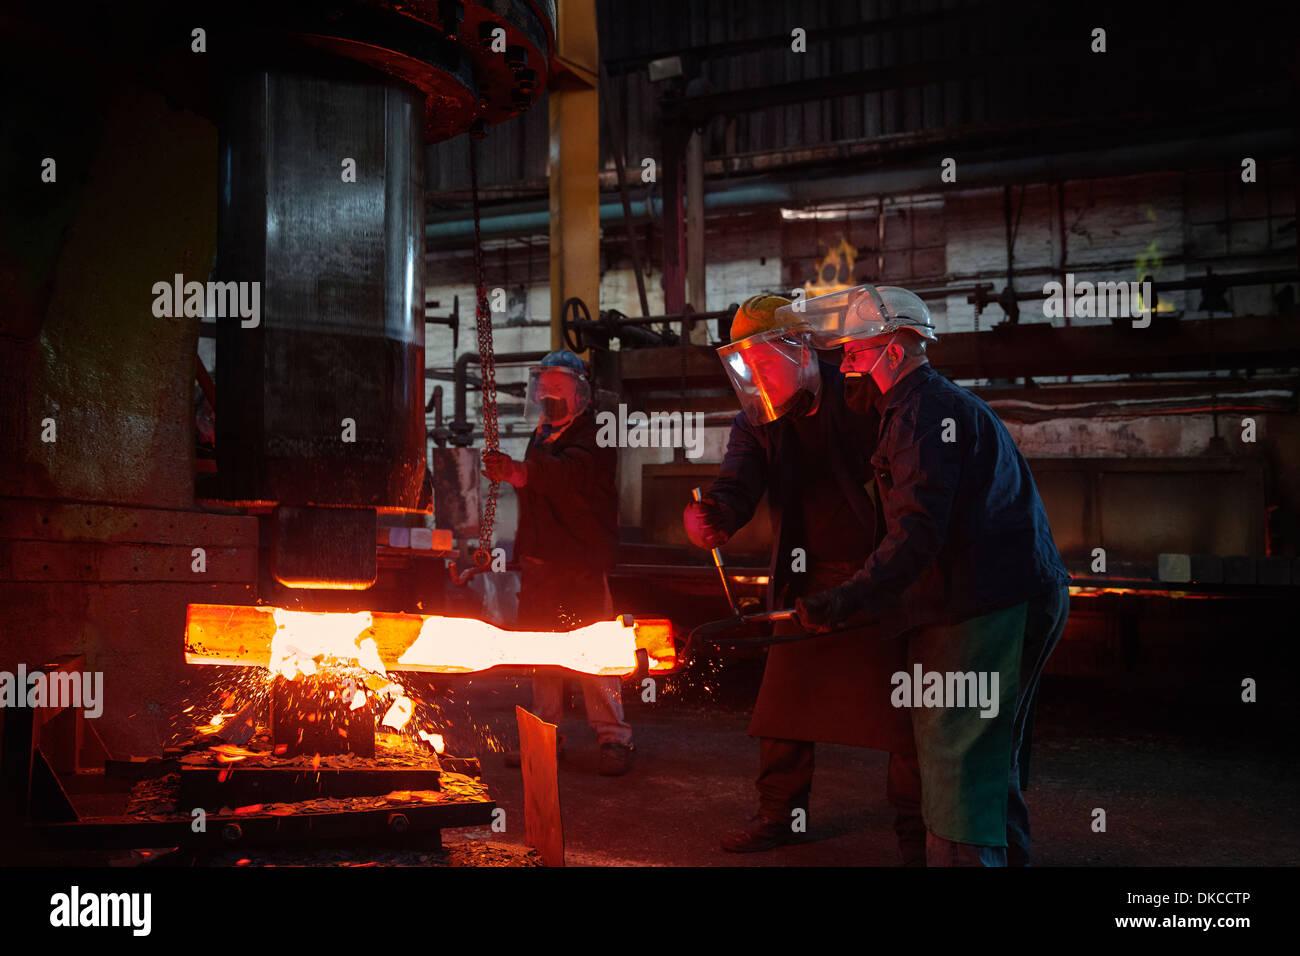 Les travailleurs Forge forme pré billette d'acier chaud rouge dans la barre de vol (mines) sur hammer Photo Stock